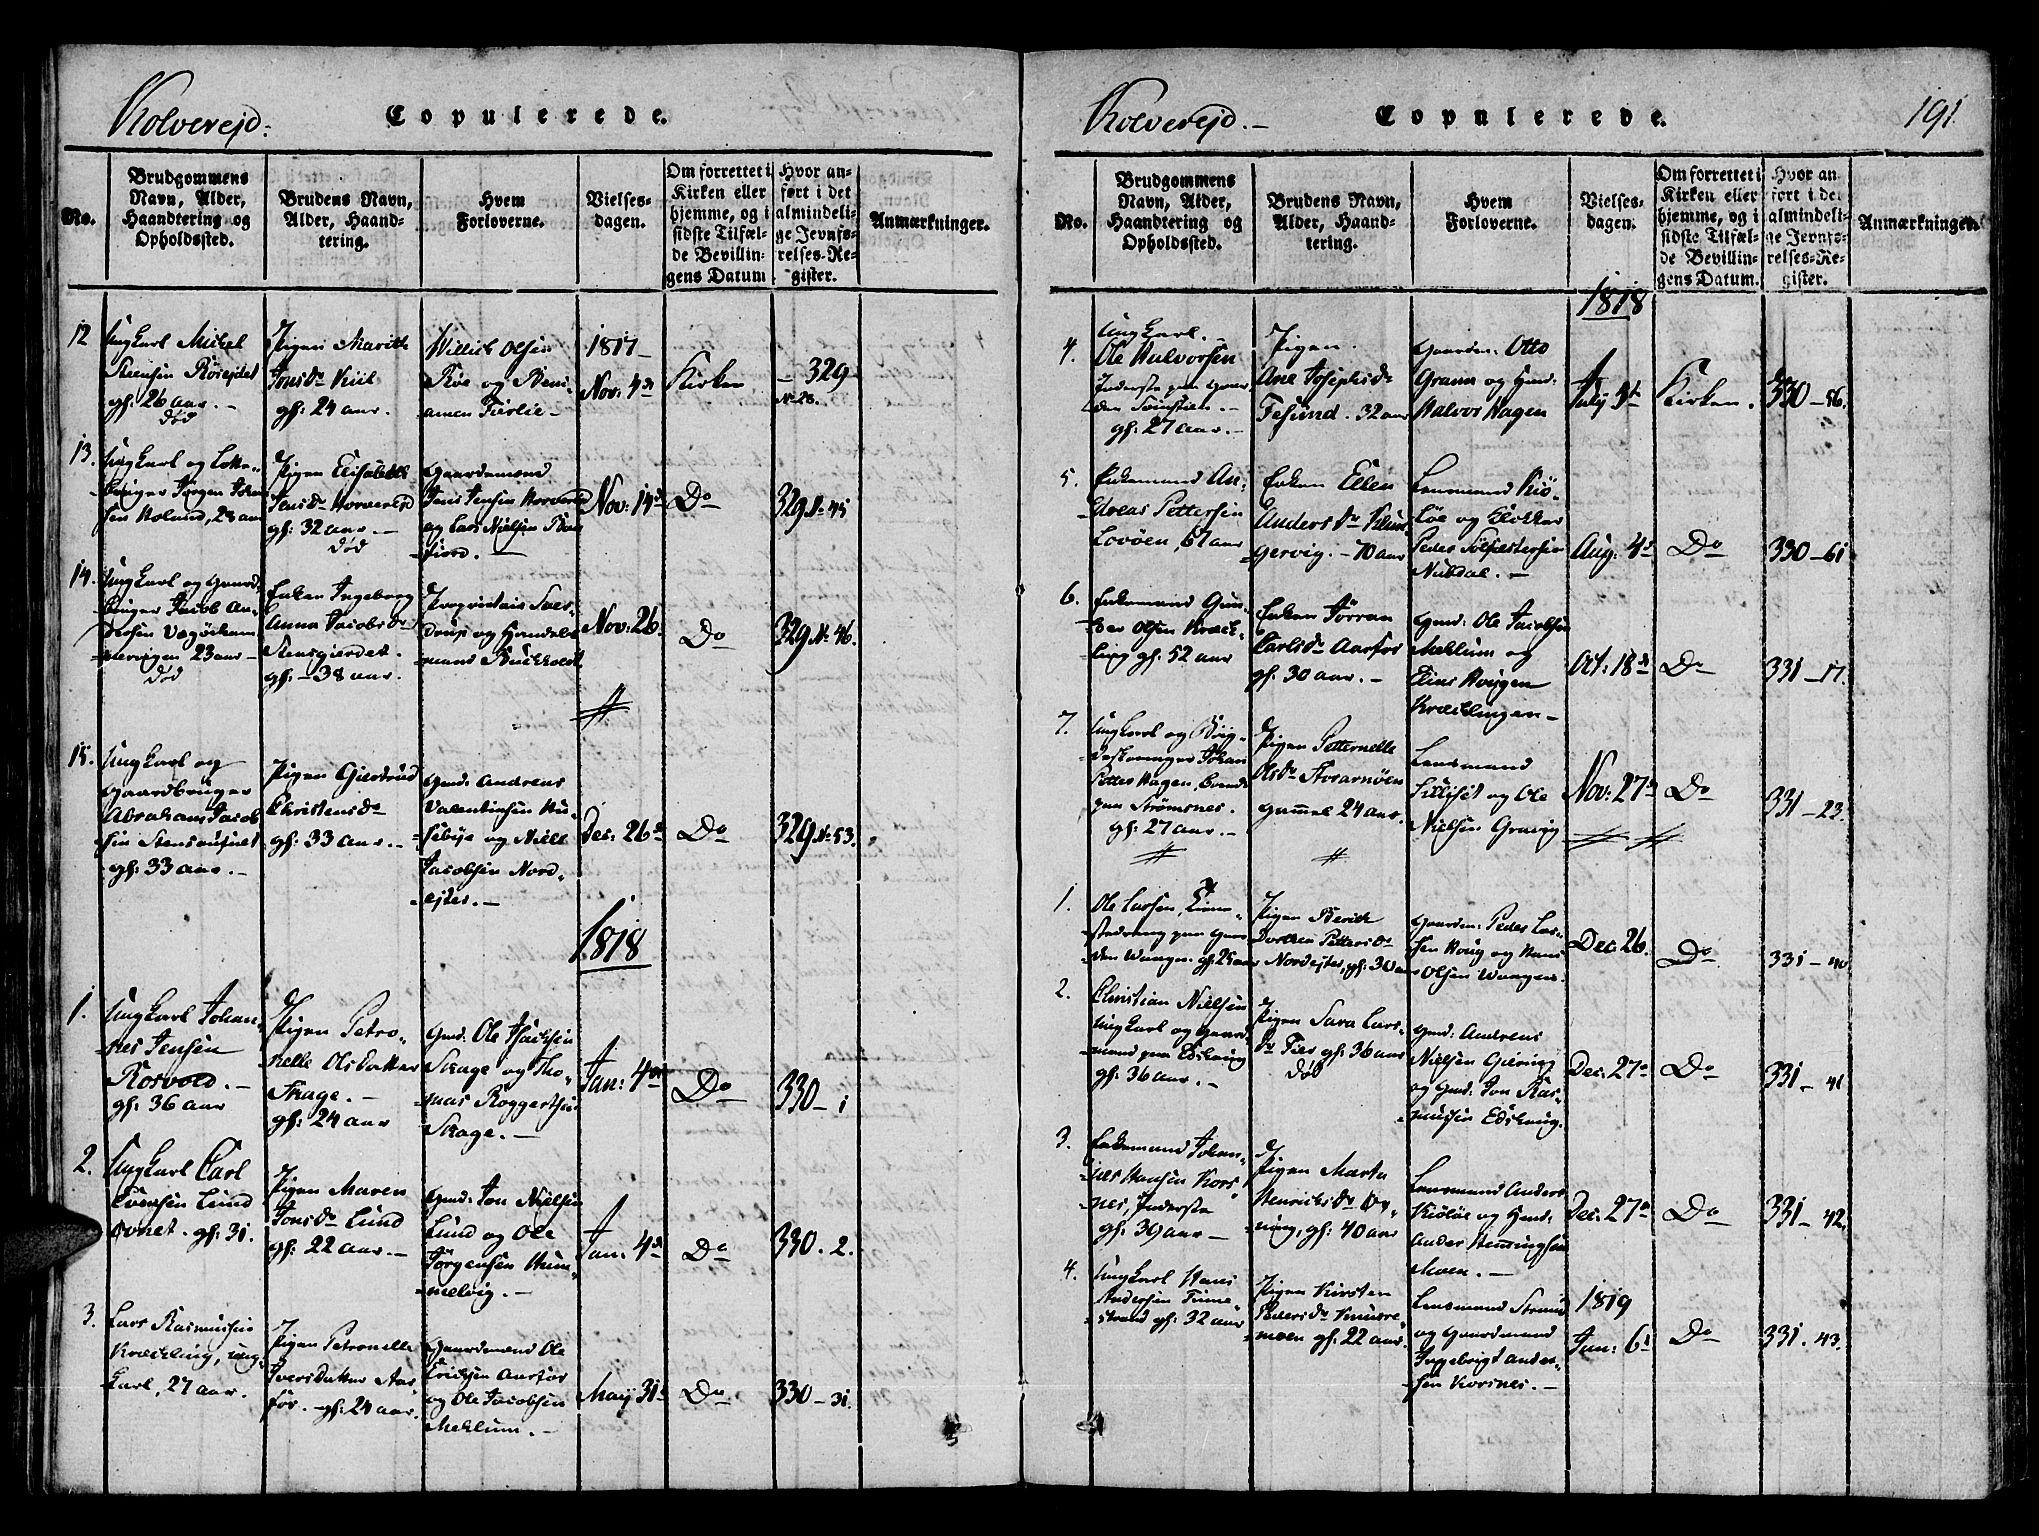 SAT, Ministerialprotokoller, klokkerbøker og fødselsregistre - Nord-Trøndelag, 780/L0636: Ministerialbok nr. 780A03 /1, 1815-1830, s. 191